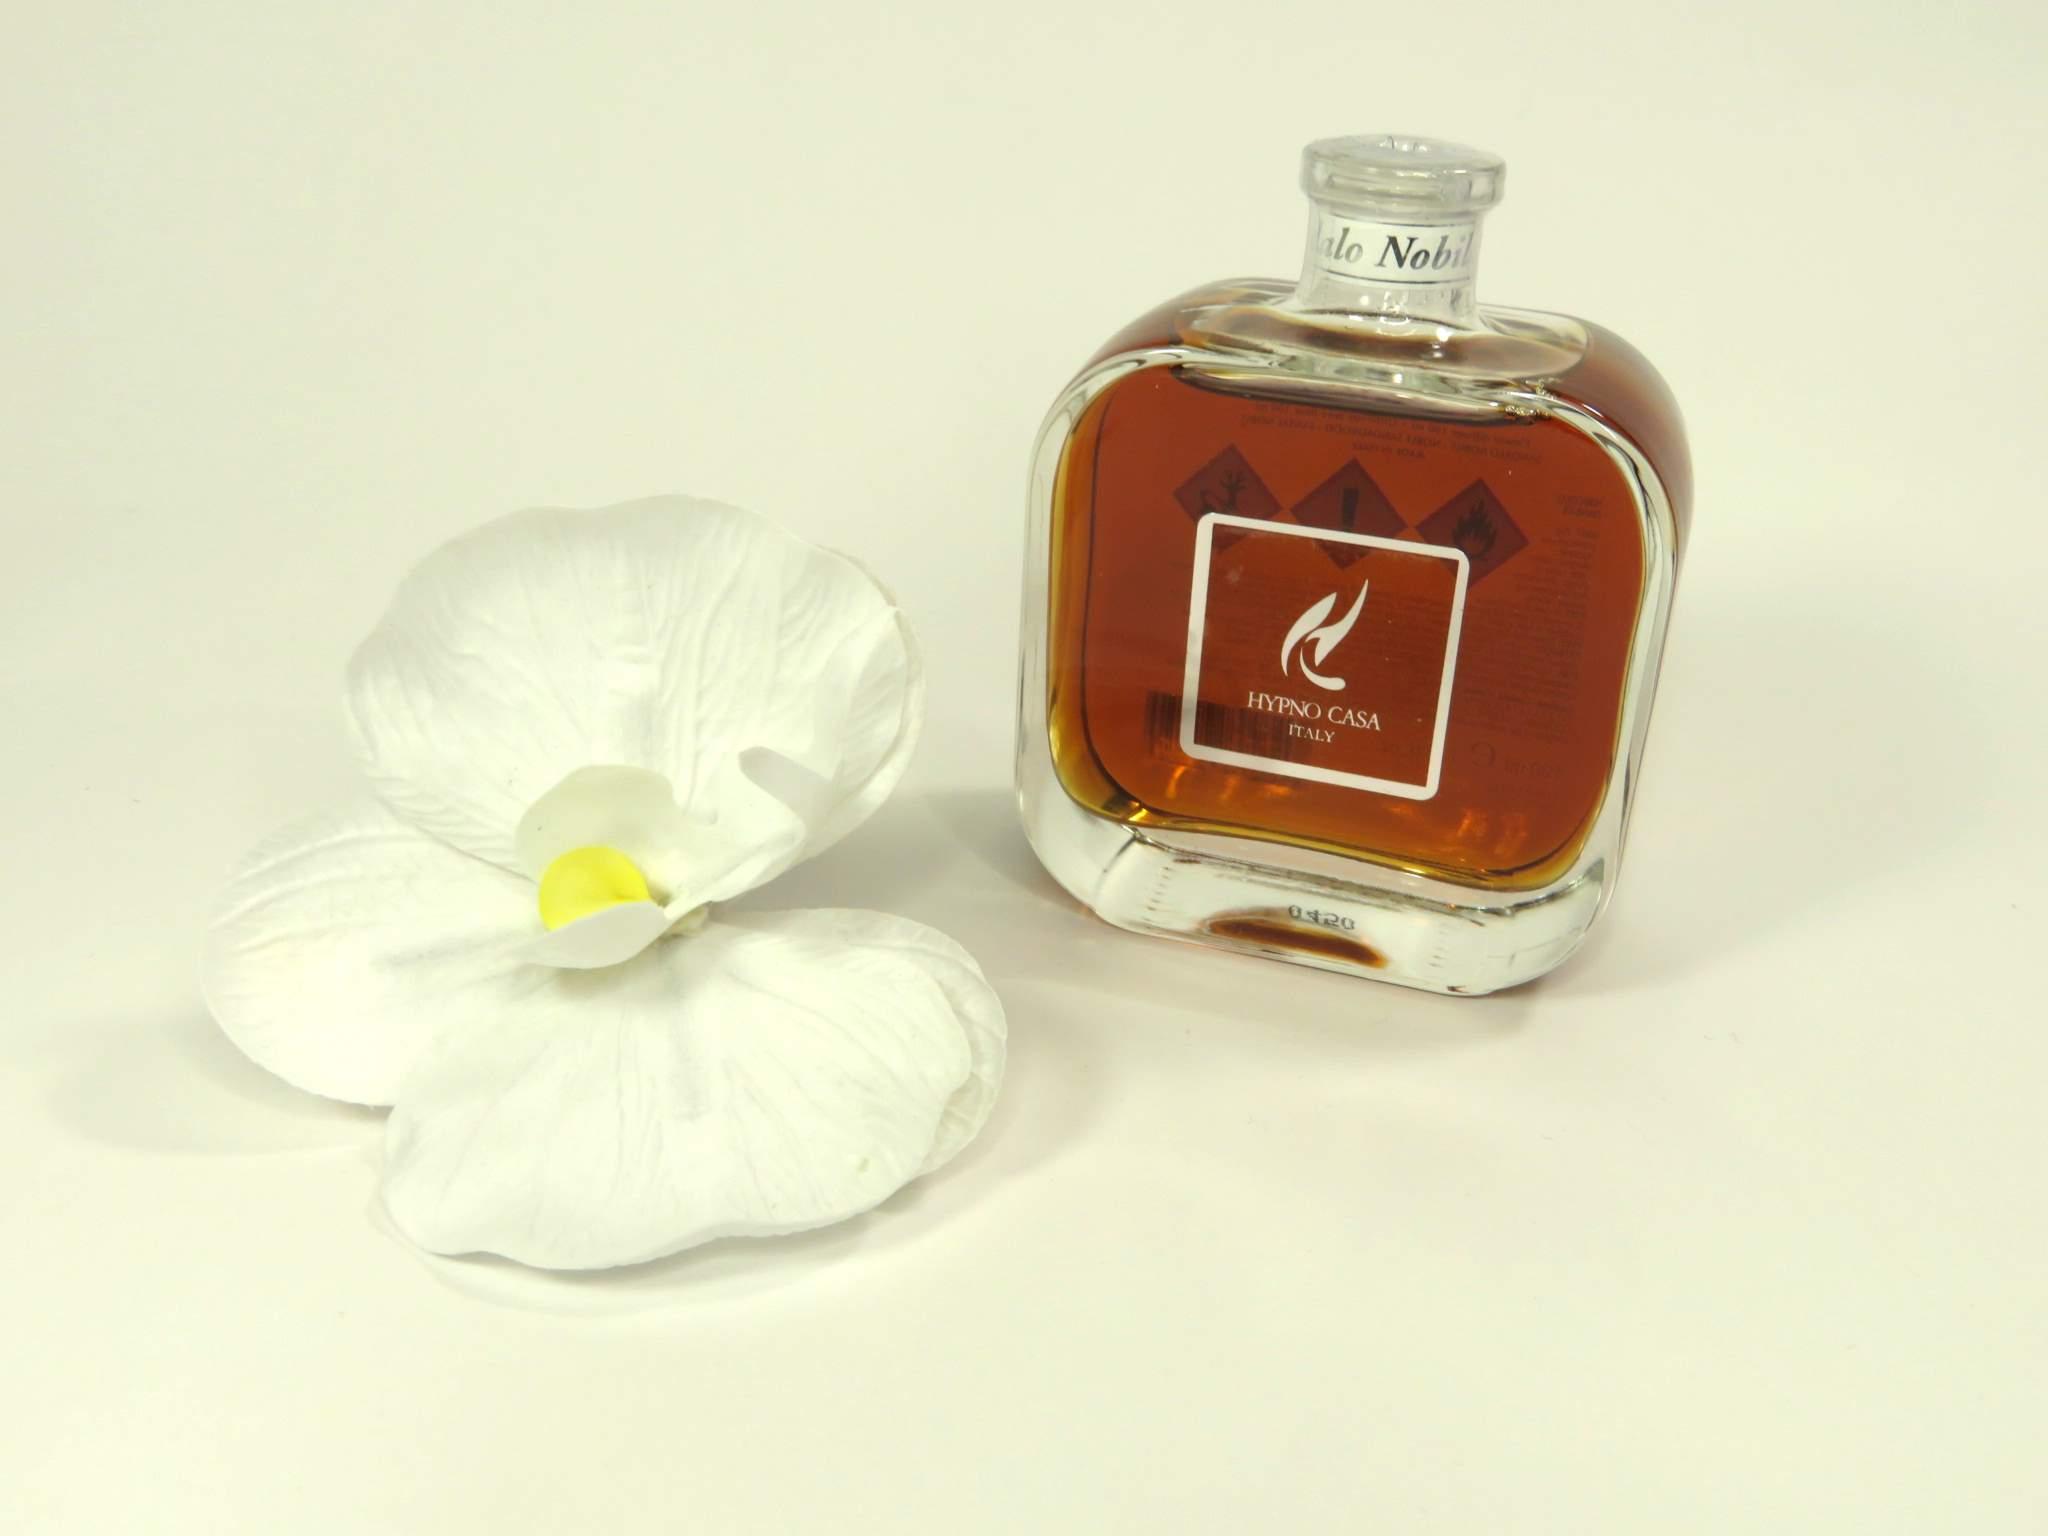 Profumatore con orchidea Sandalo nobile